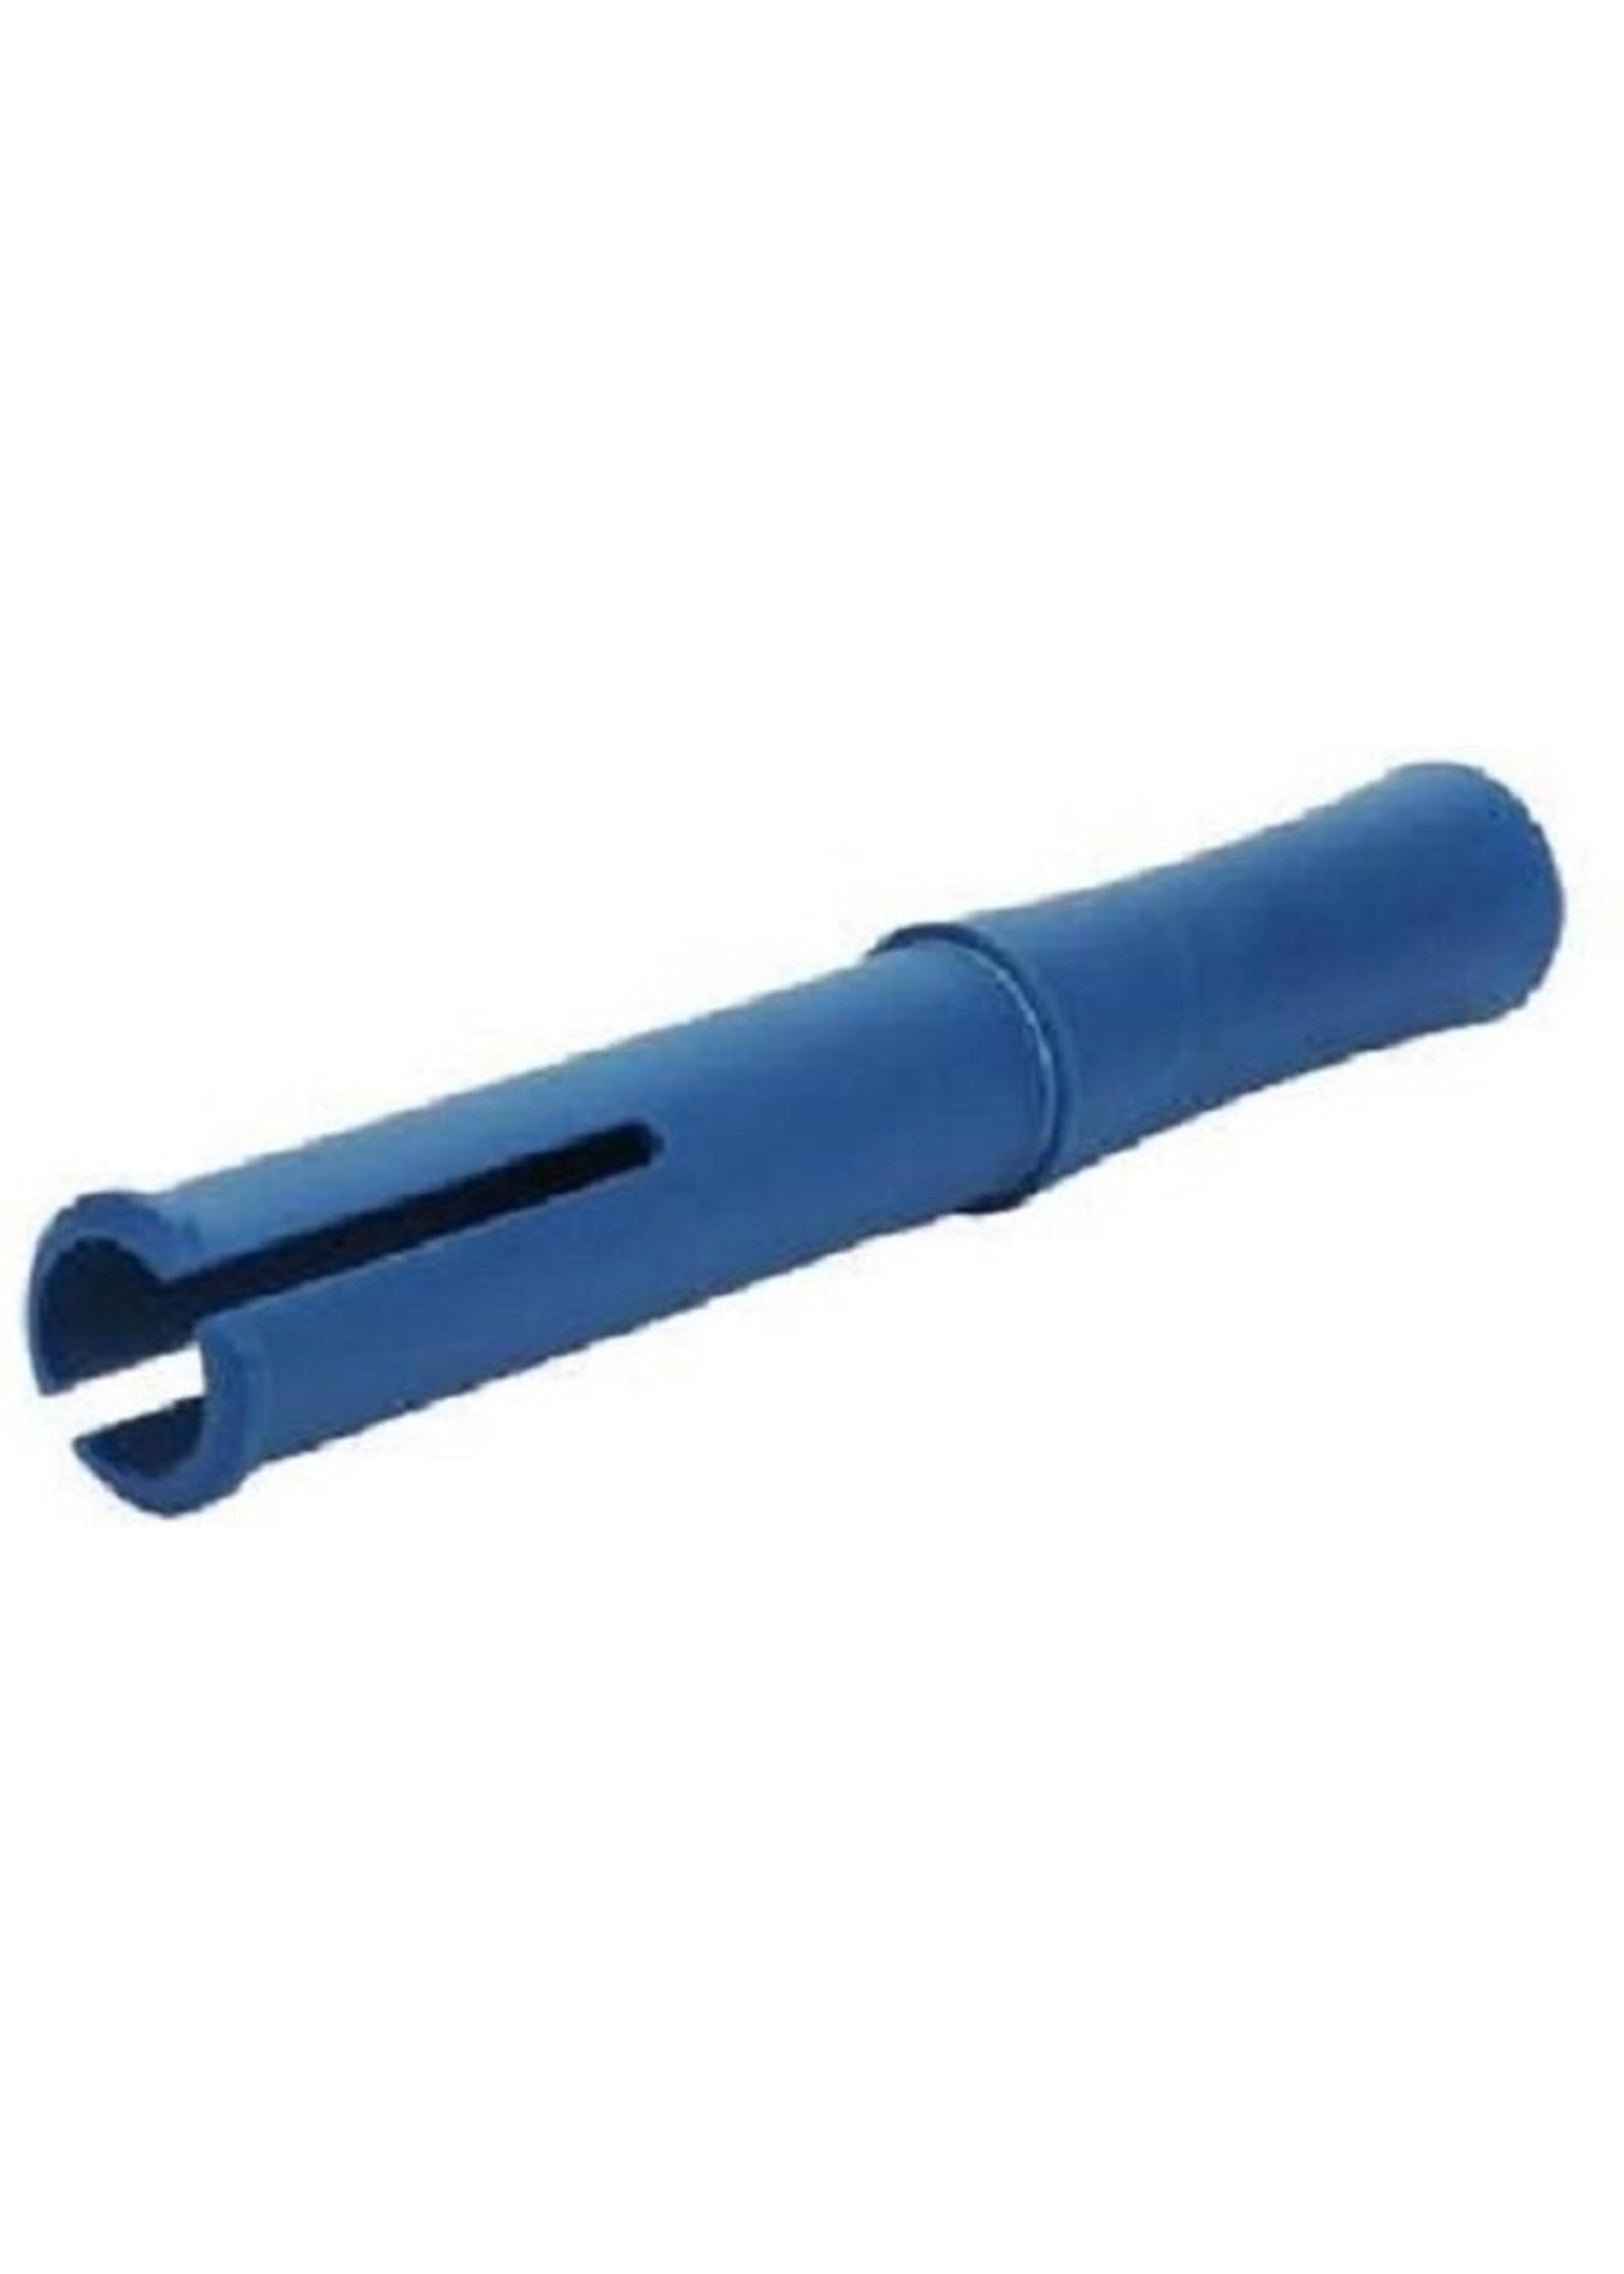 Houder voor kunststof minirol kern 38 mm